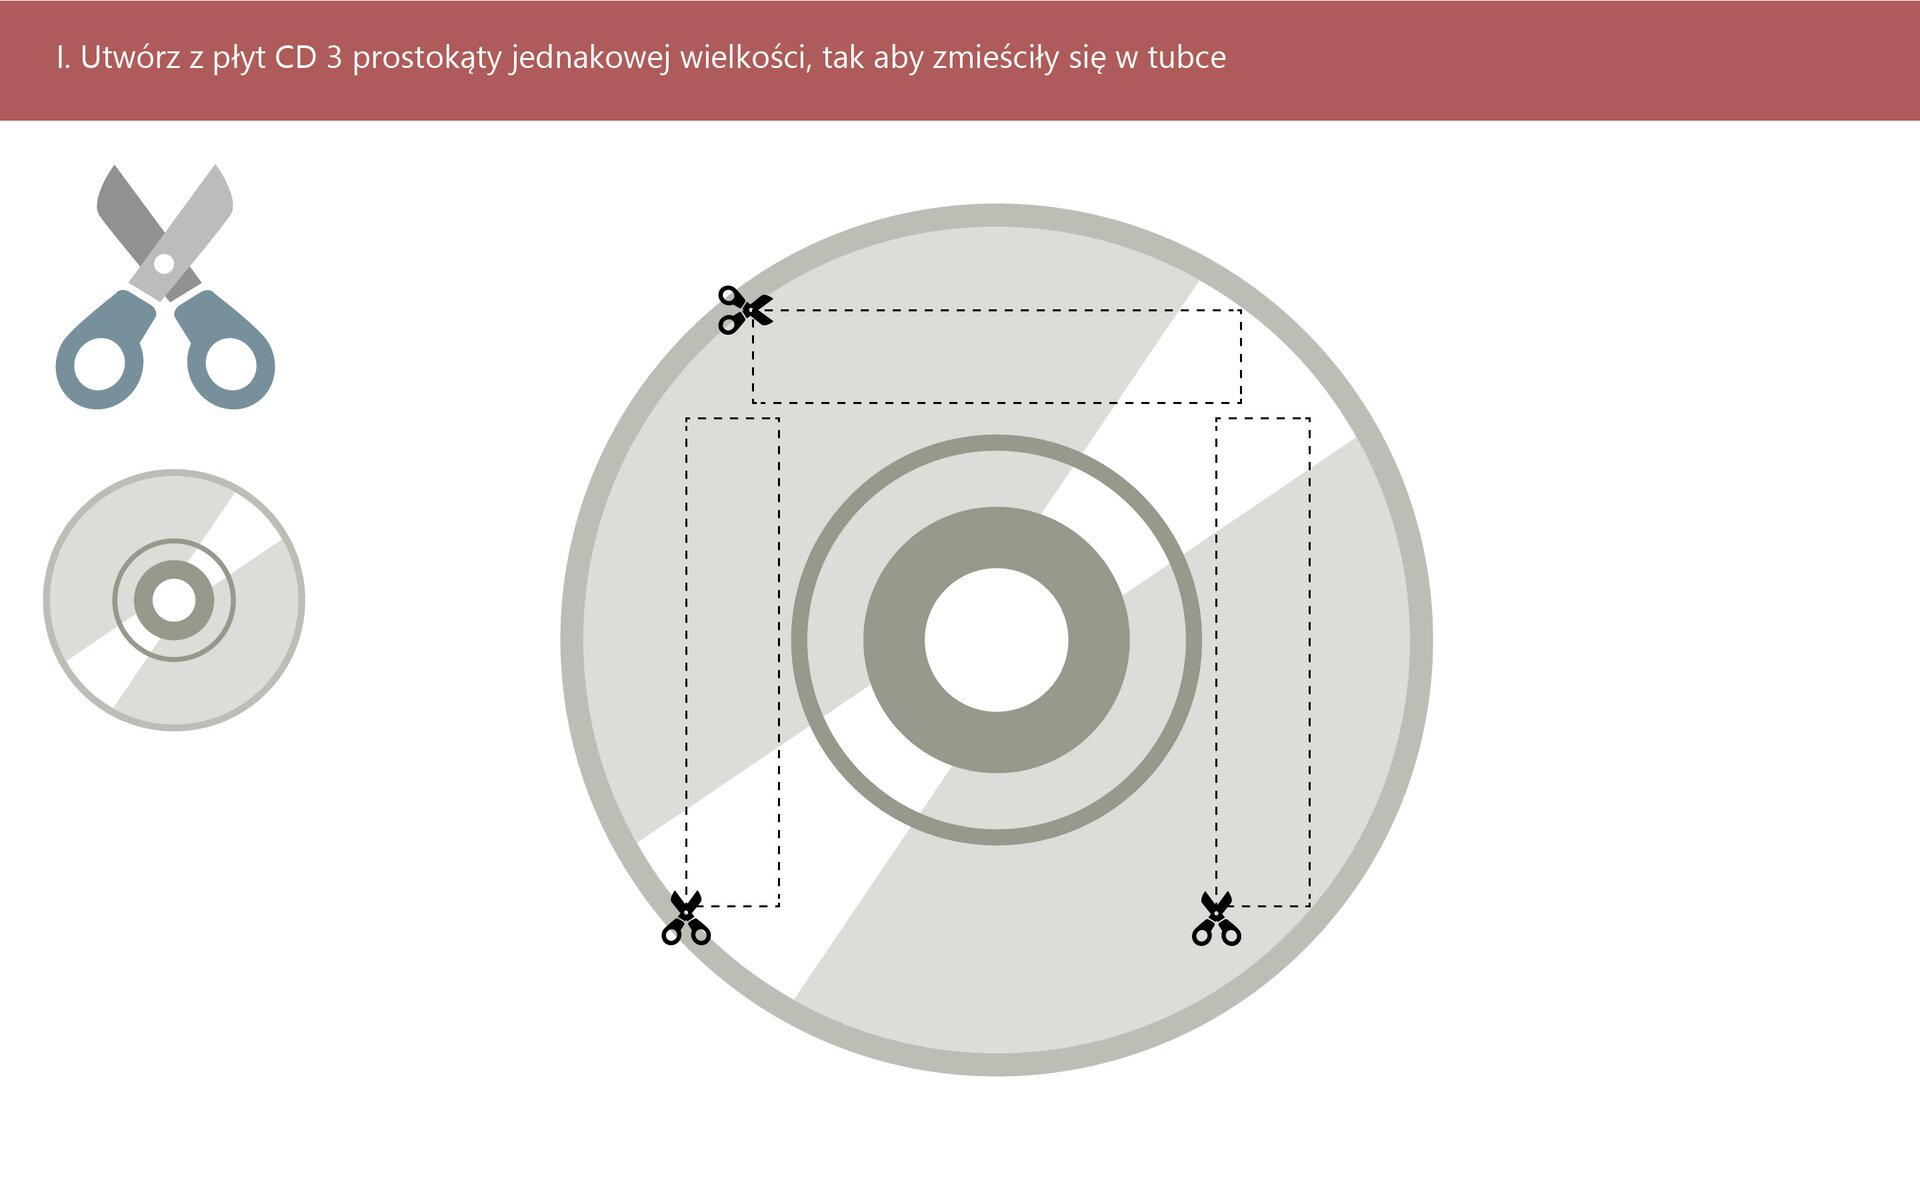 """Ilustracja przedstawia instrukcję wykonania własnego kalejdoskopu. Na górze grafiki znajduje się ramka znapisem """"I. Utwórz zpłyt CD 3 prostokąty jednakowej wielkości, tak aby zmieściły się wtubce"""". Poniżej umieszczone są ikonki ukazujące: nożyczki, płytę CD oraz duża płytę CD, na której zaznaczone są trzy prostokąty do wycięcia."""